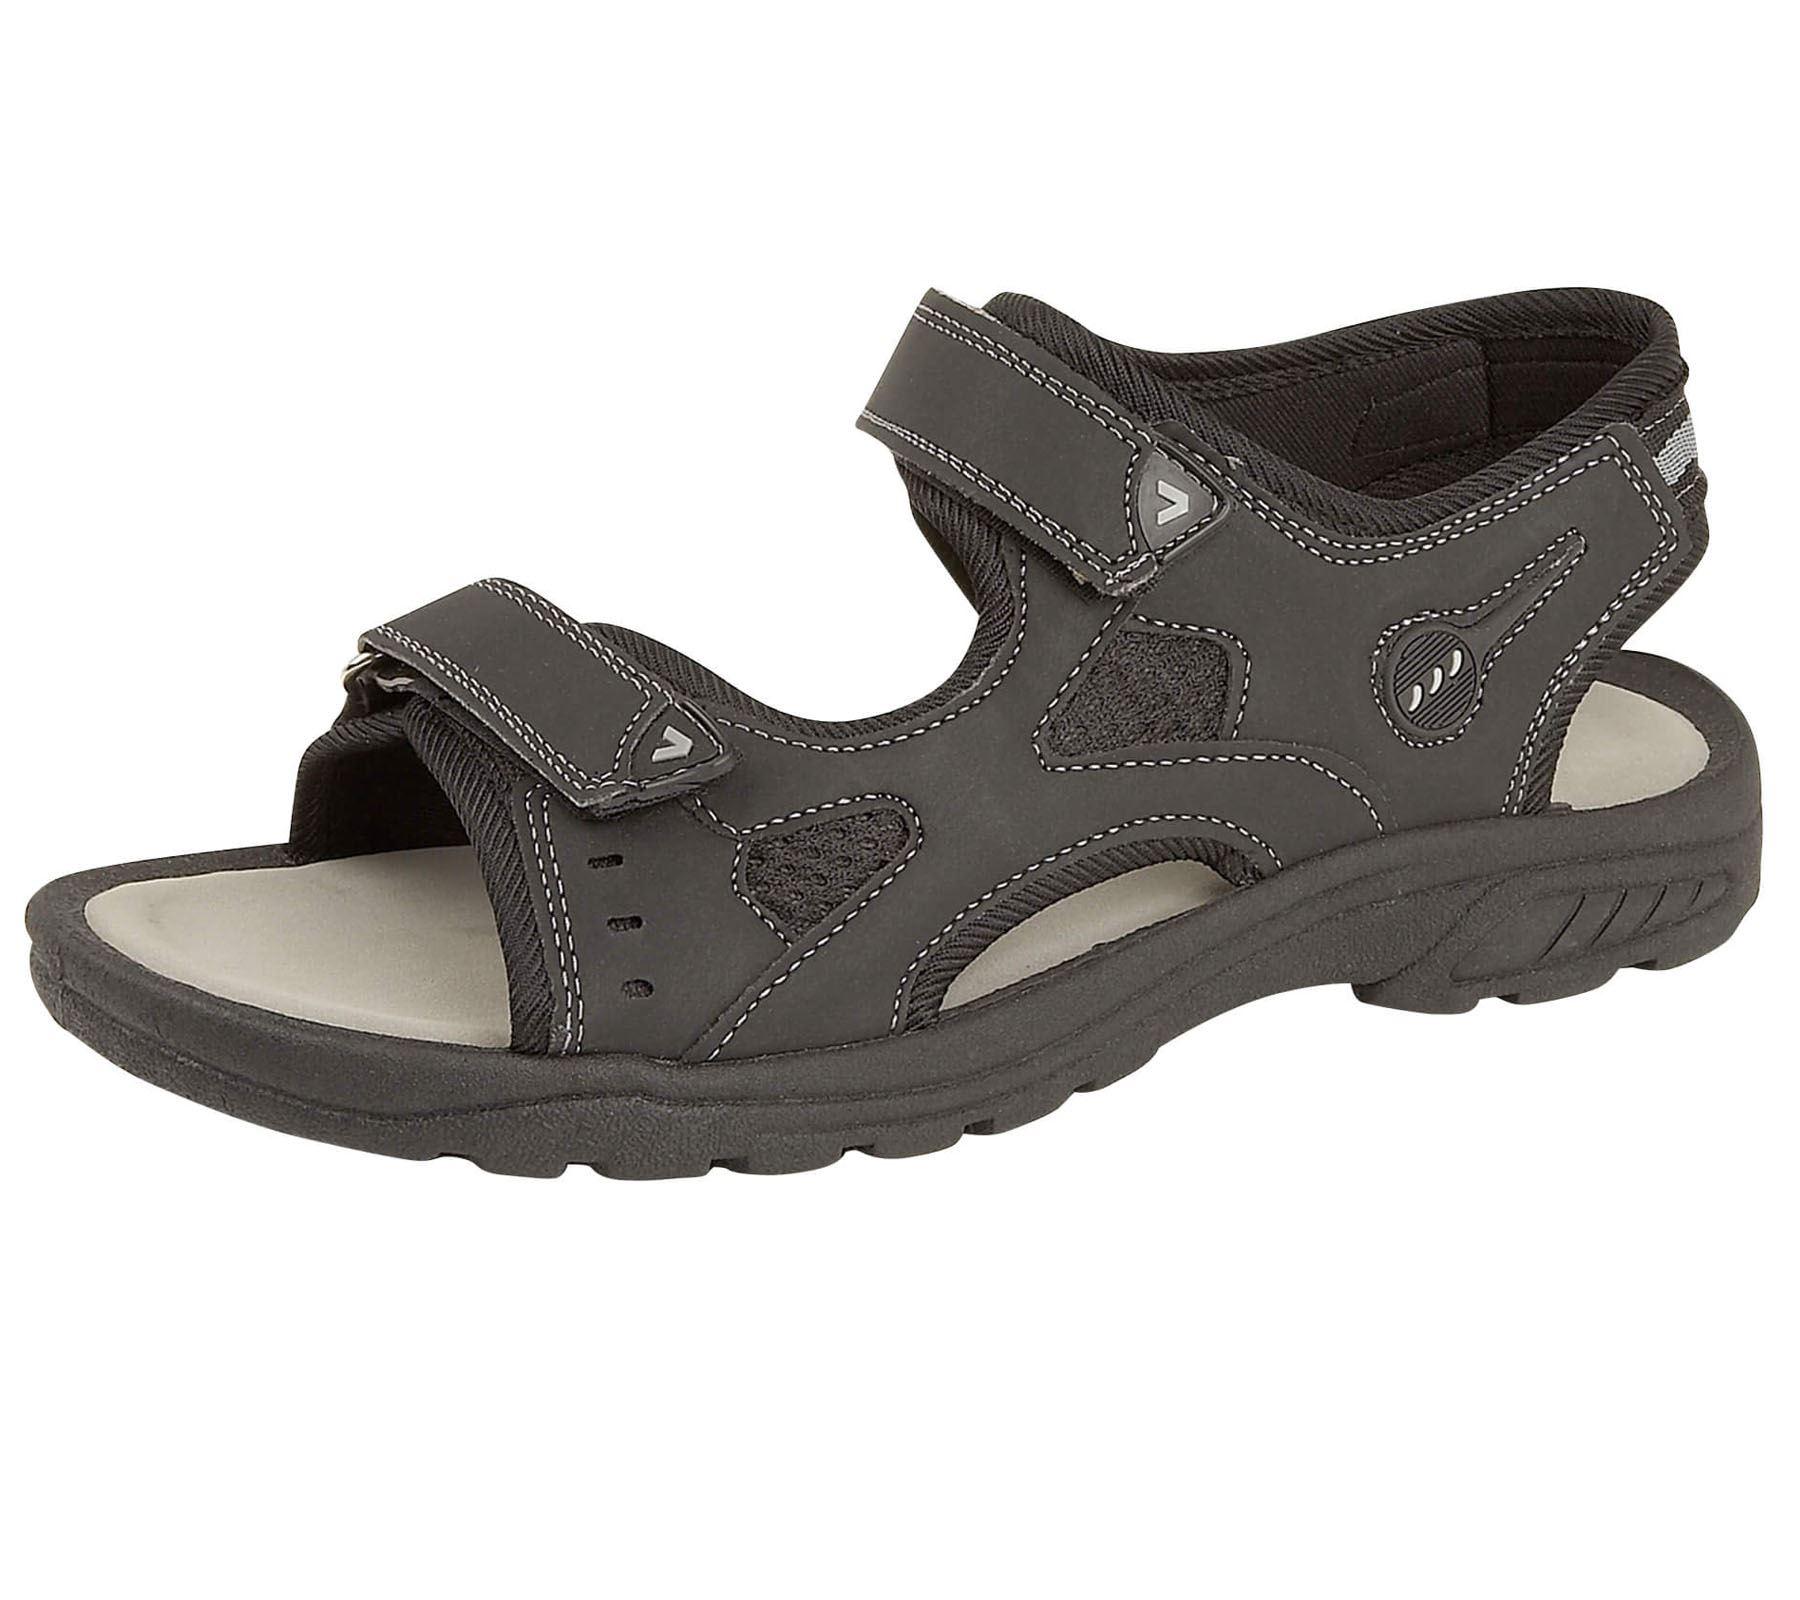 Mens-Sandals-Summer-Beach-Casual-Syenthatic-Sandals miniatura 7